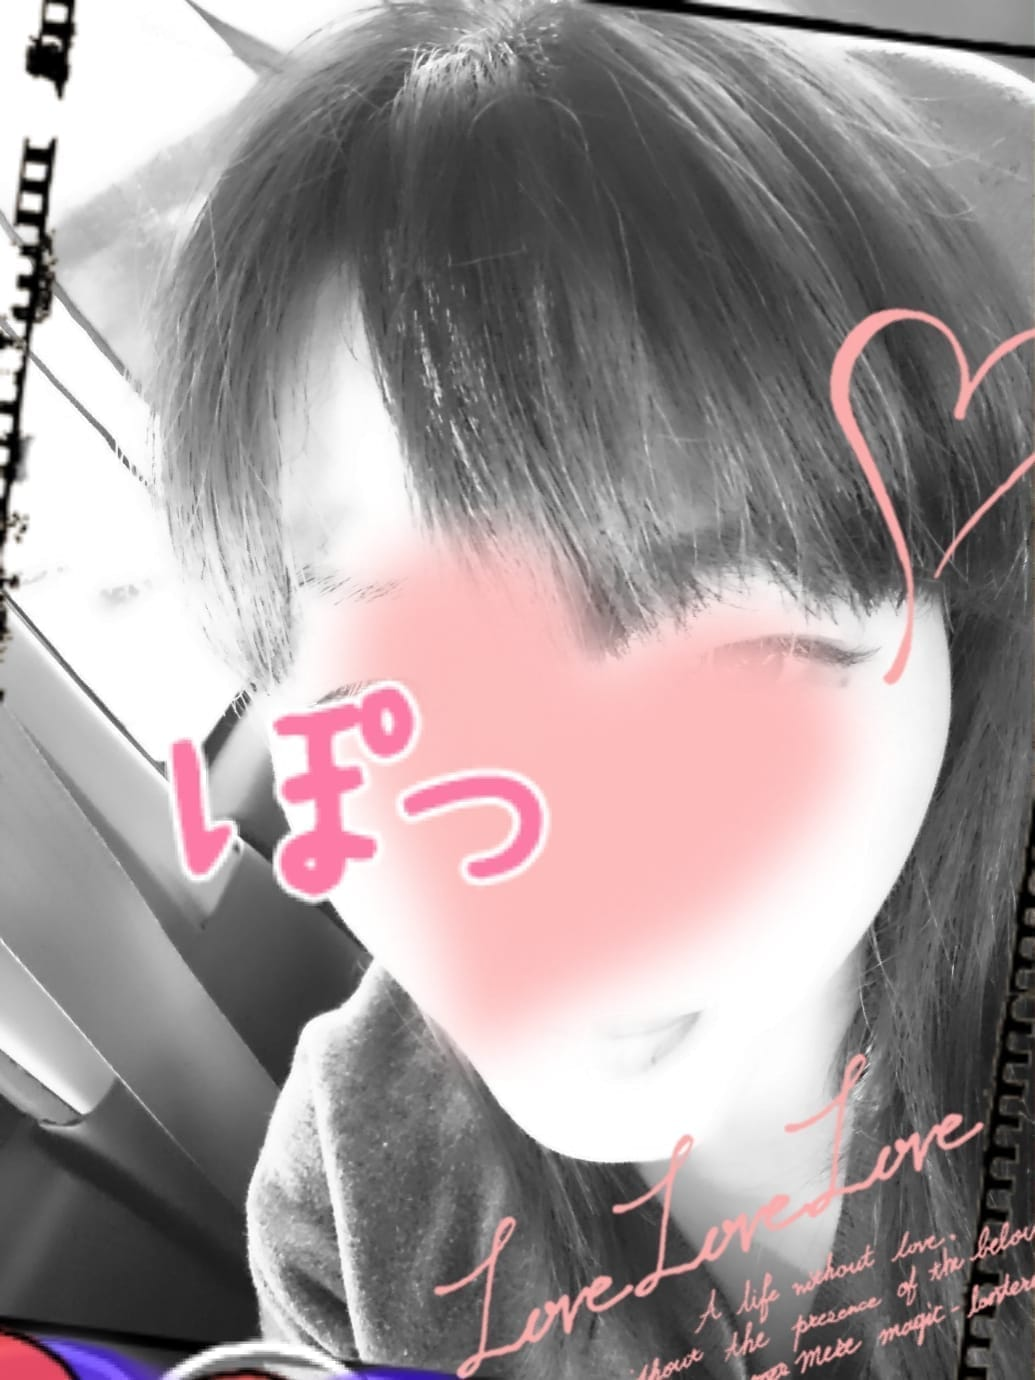 かほ「こんにちは」01/16(火) 14:40   かほの写メ・風俗動画